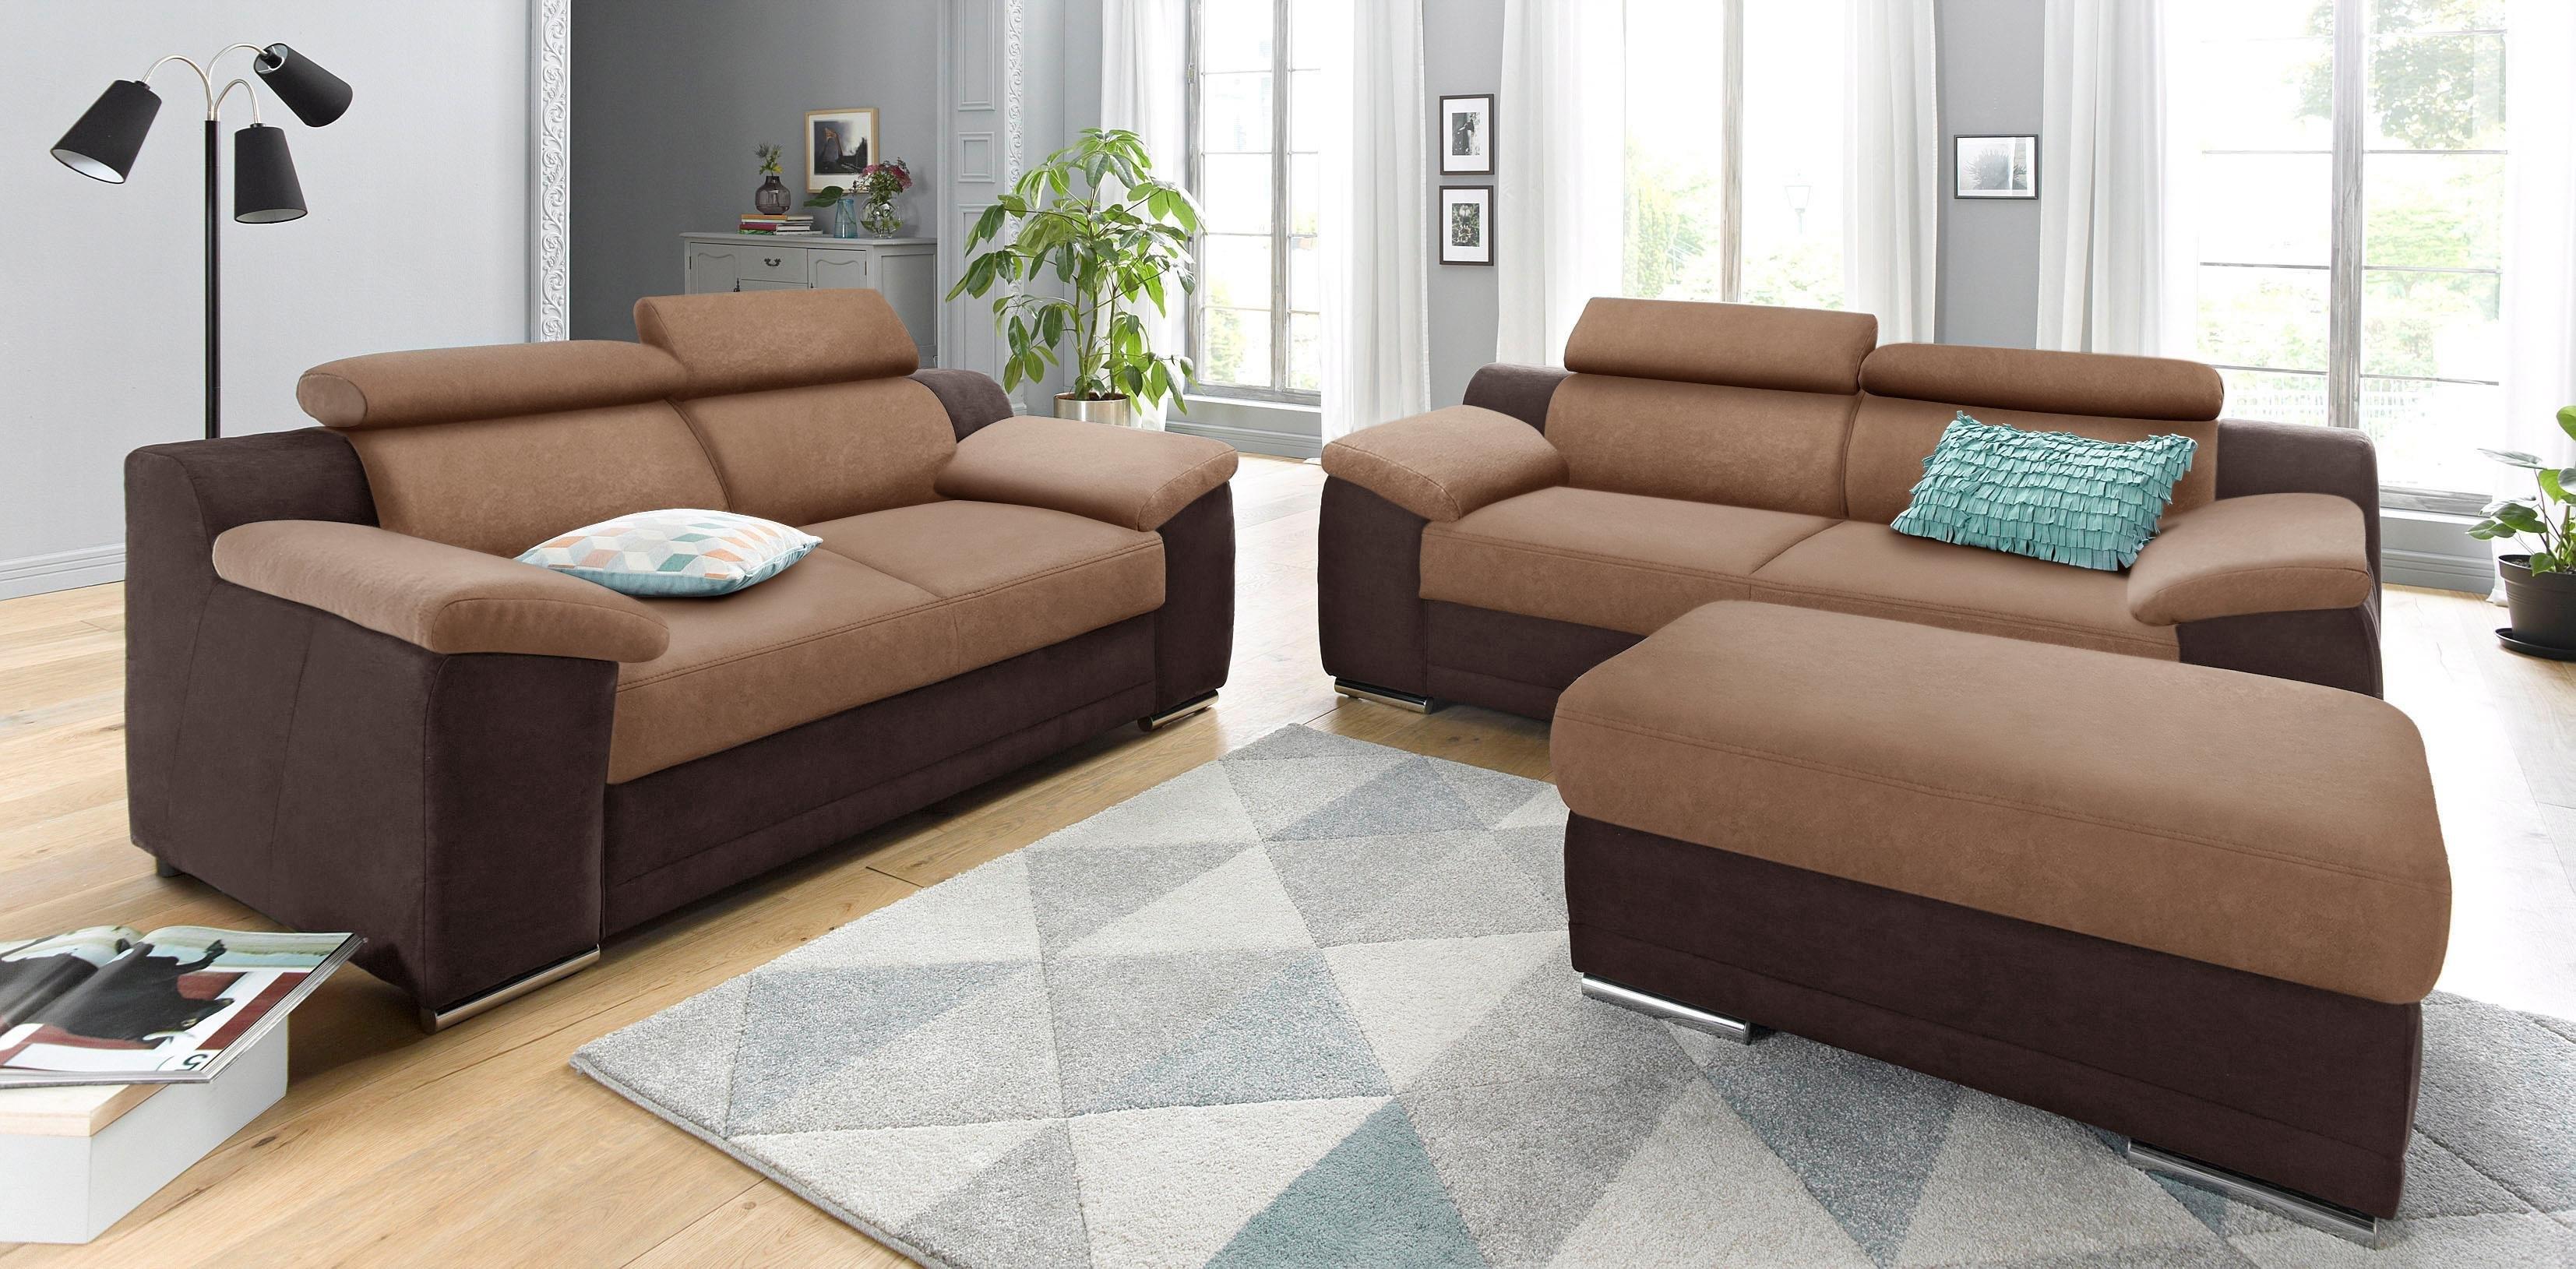 2 3 zitsbanken online bestellen kijk hier otto. Black Bedroom Furniture Sets. Home Design Ideas